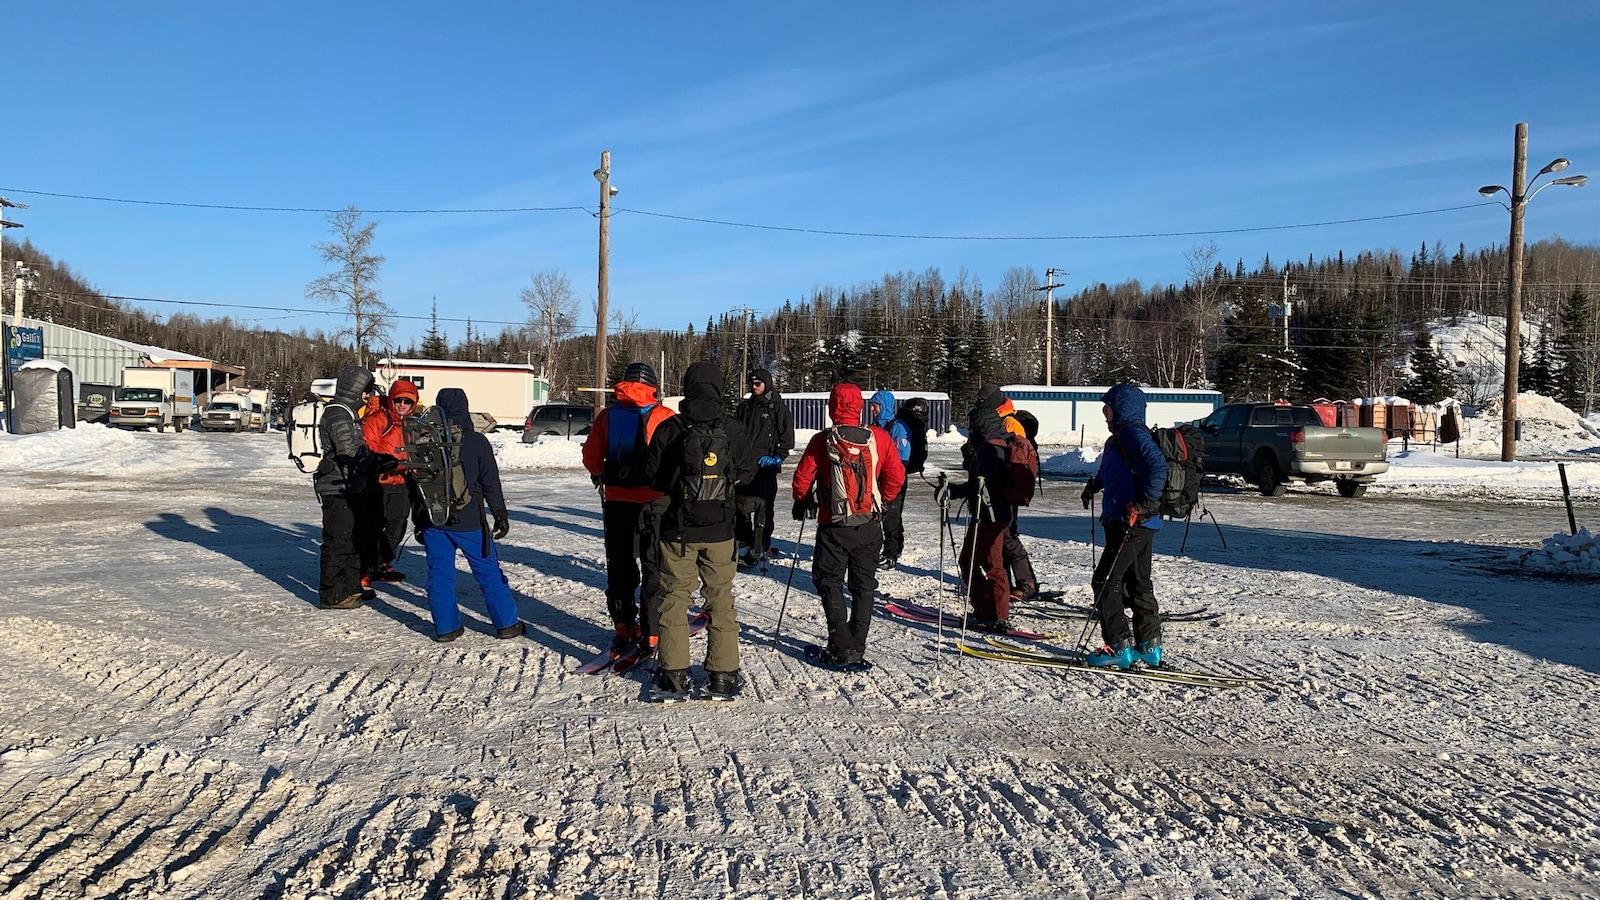 Des skieurs sont rassemblés autour d'un instructeur.